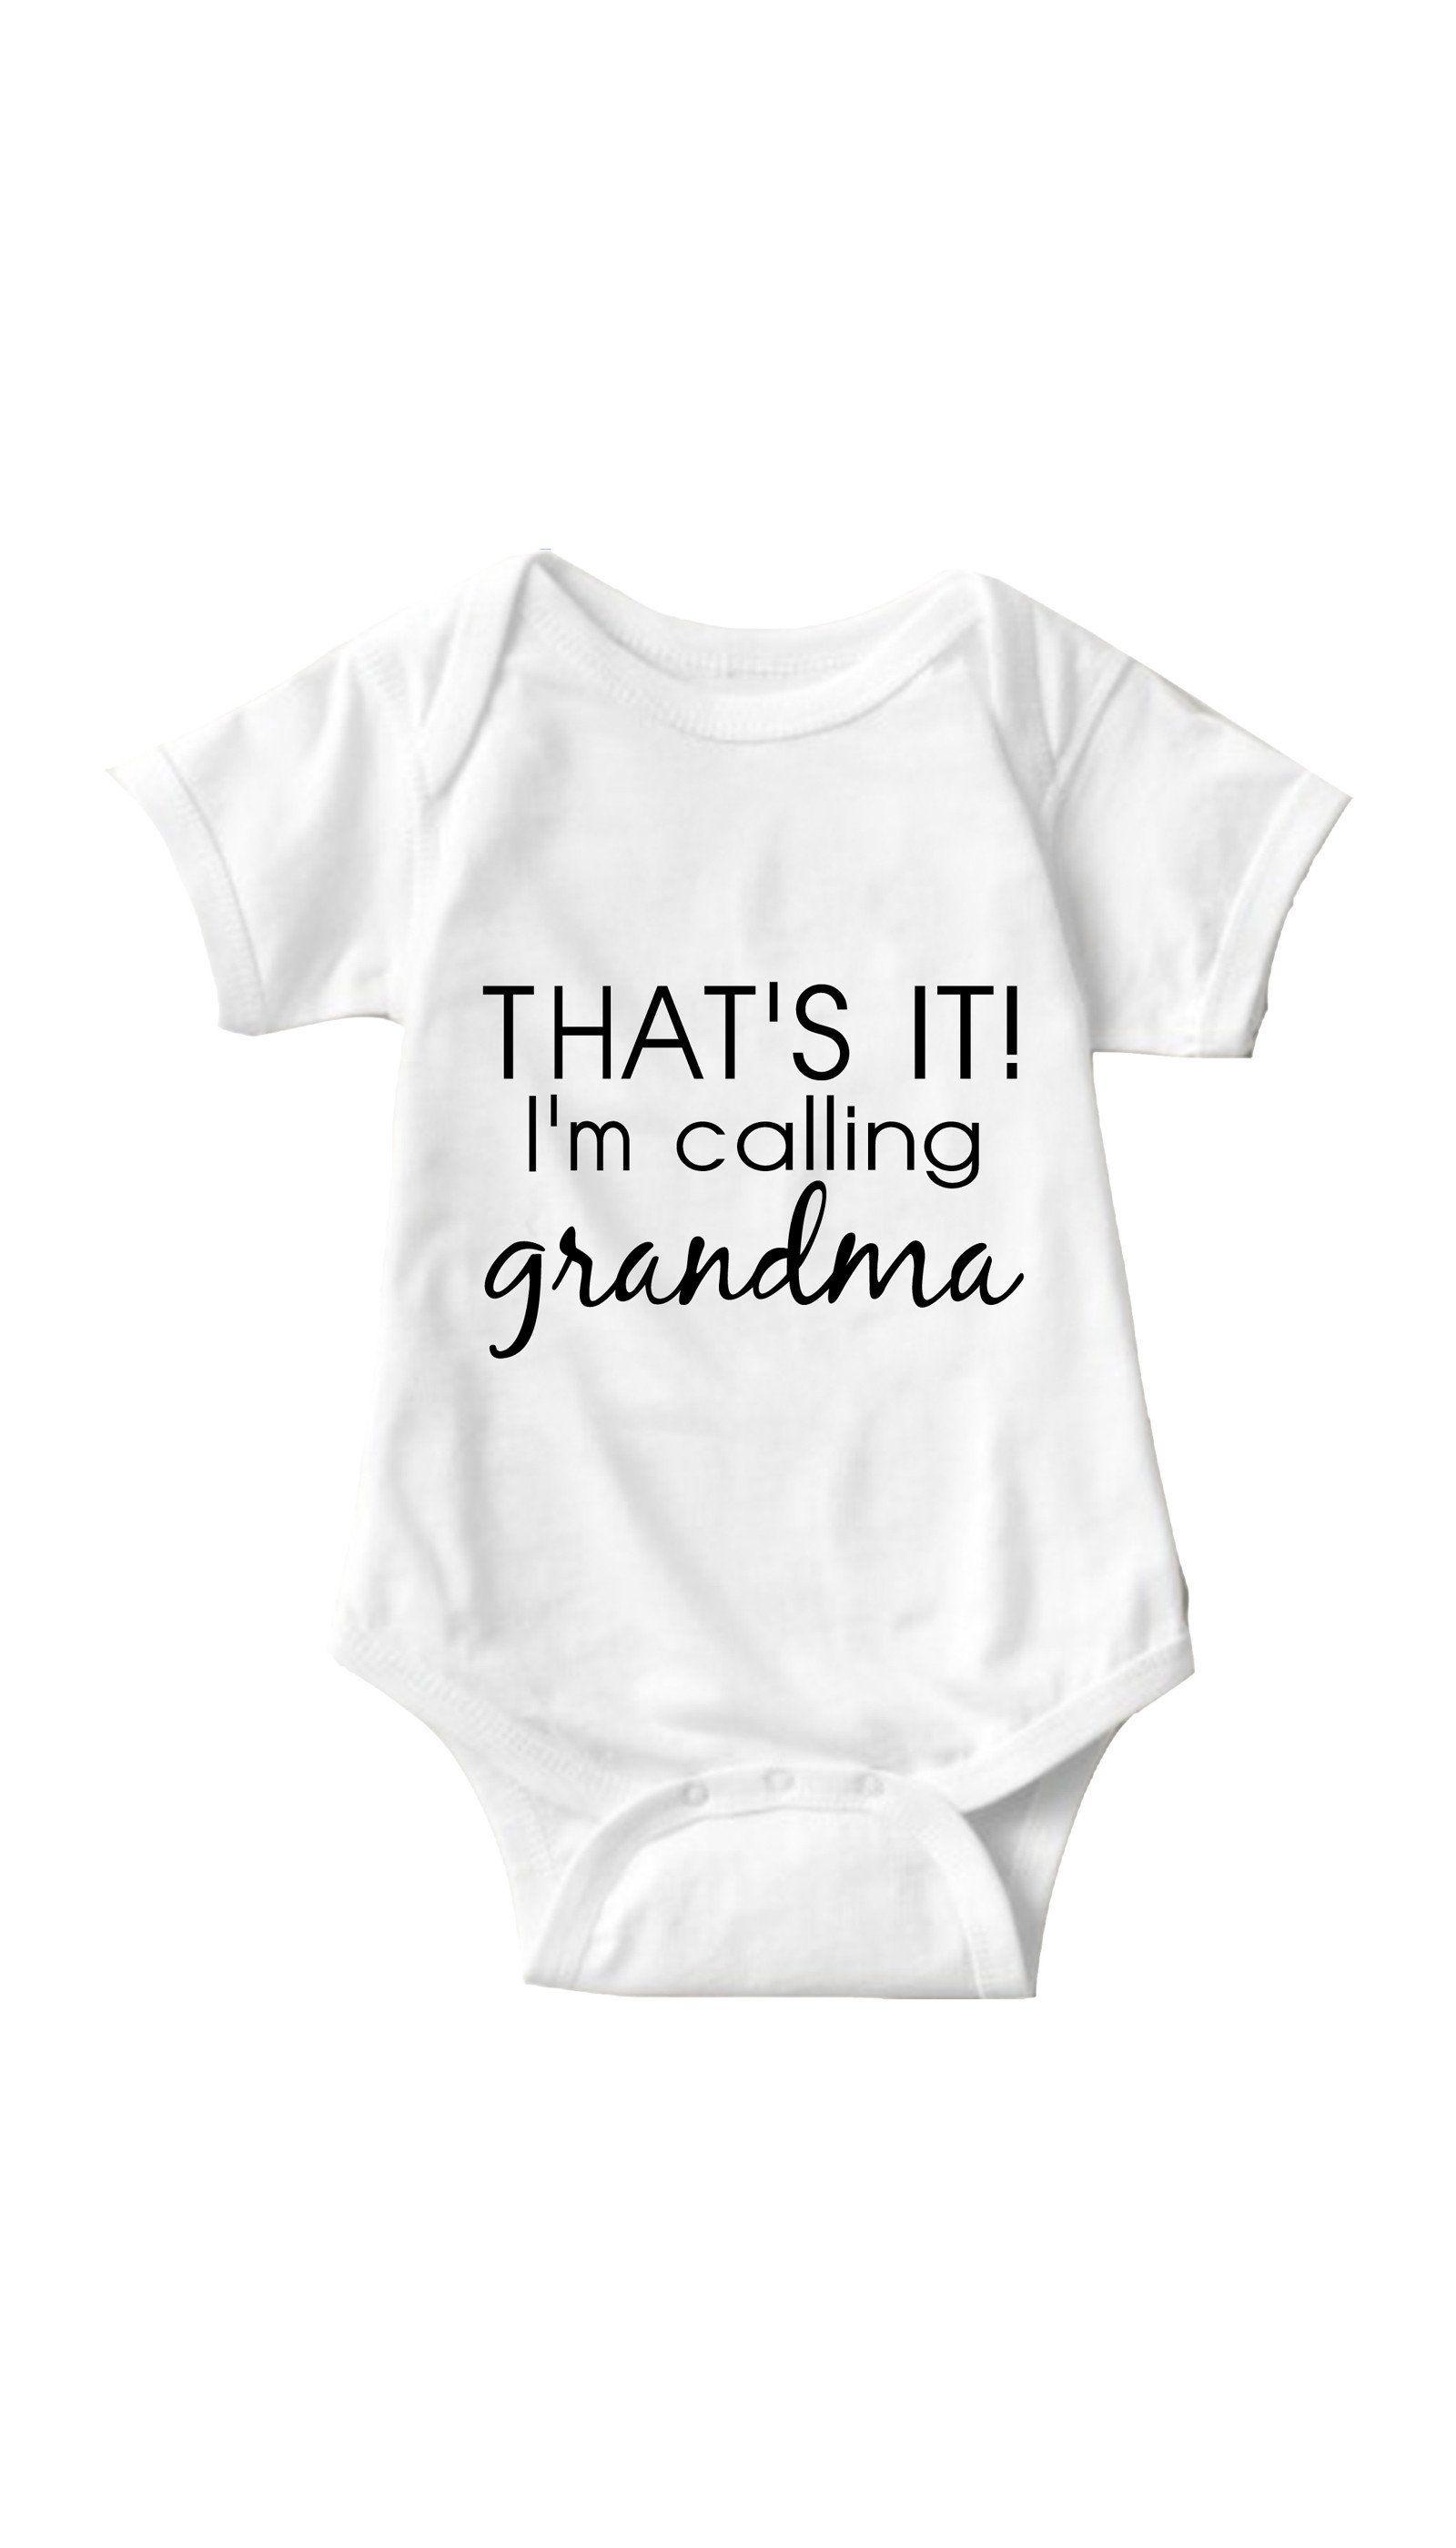 b76e76485 That's It I'm Calling Grandma Infant Onesie | Kingitused lastele ...